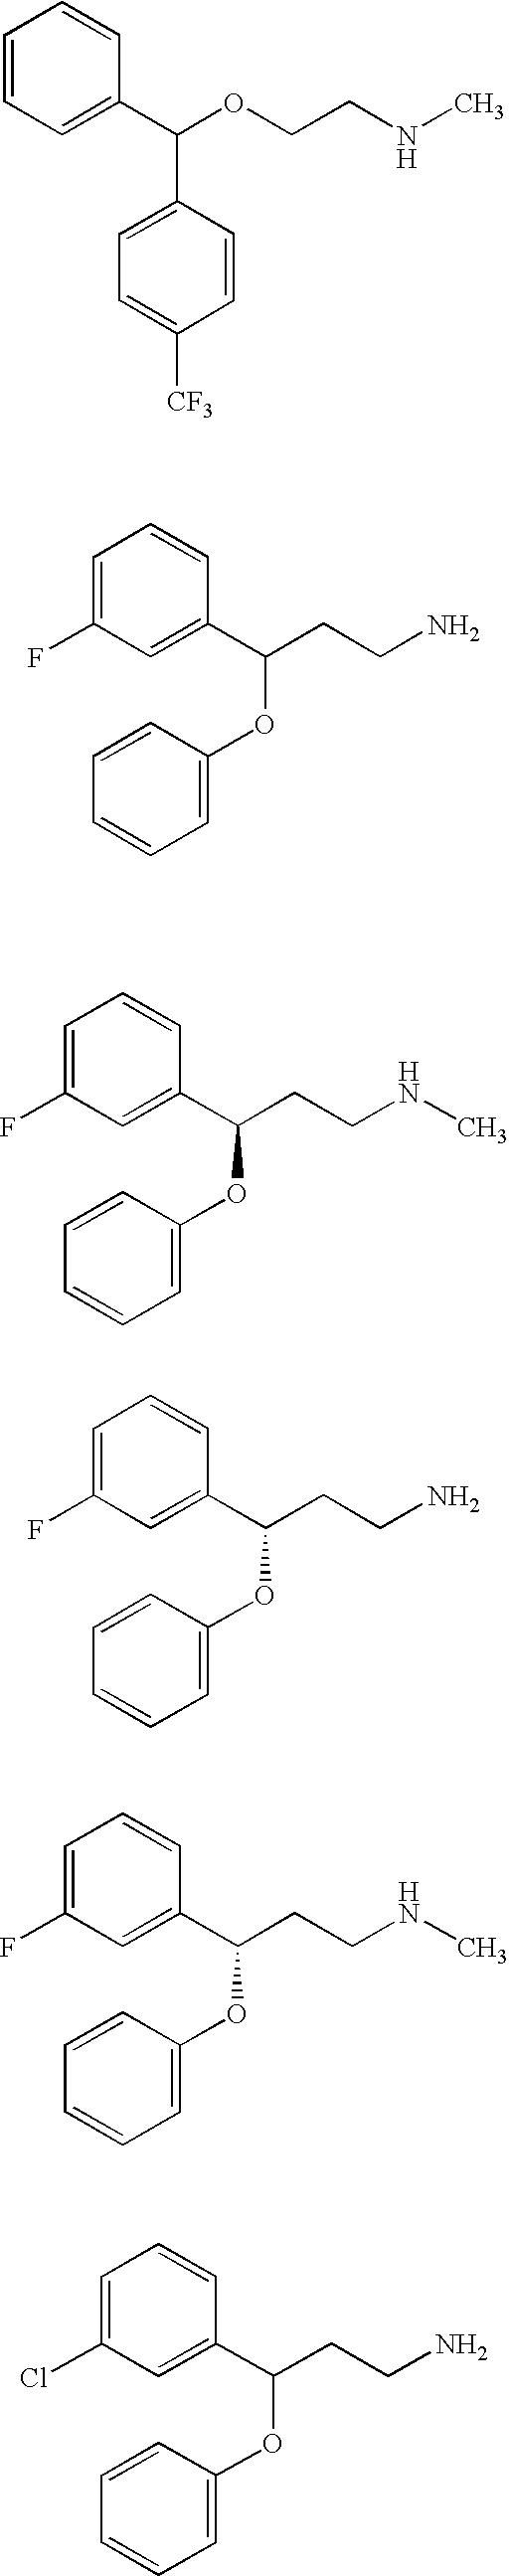 Figure US20050282859A1-20051222-C00070